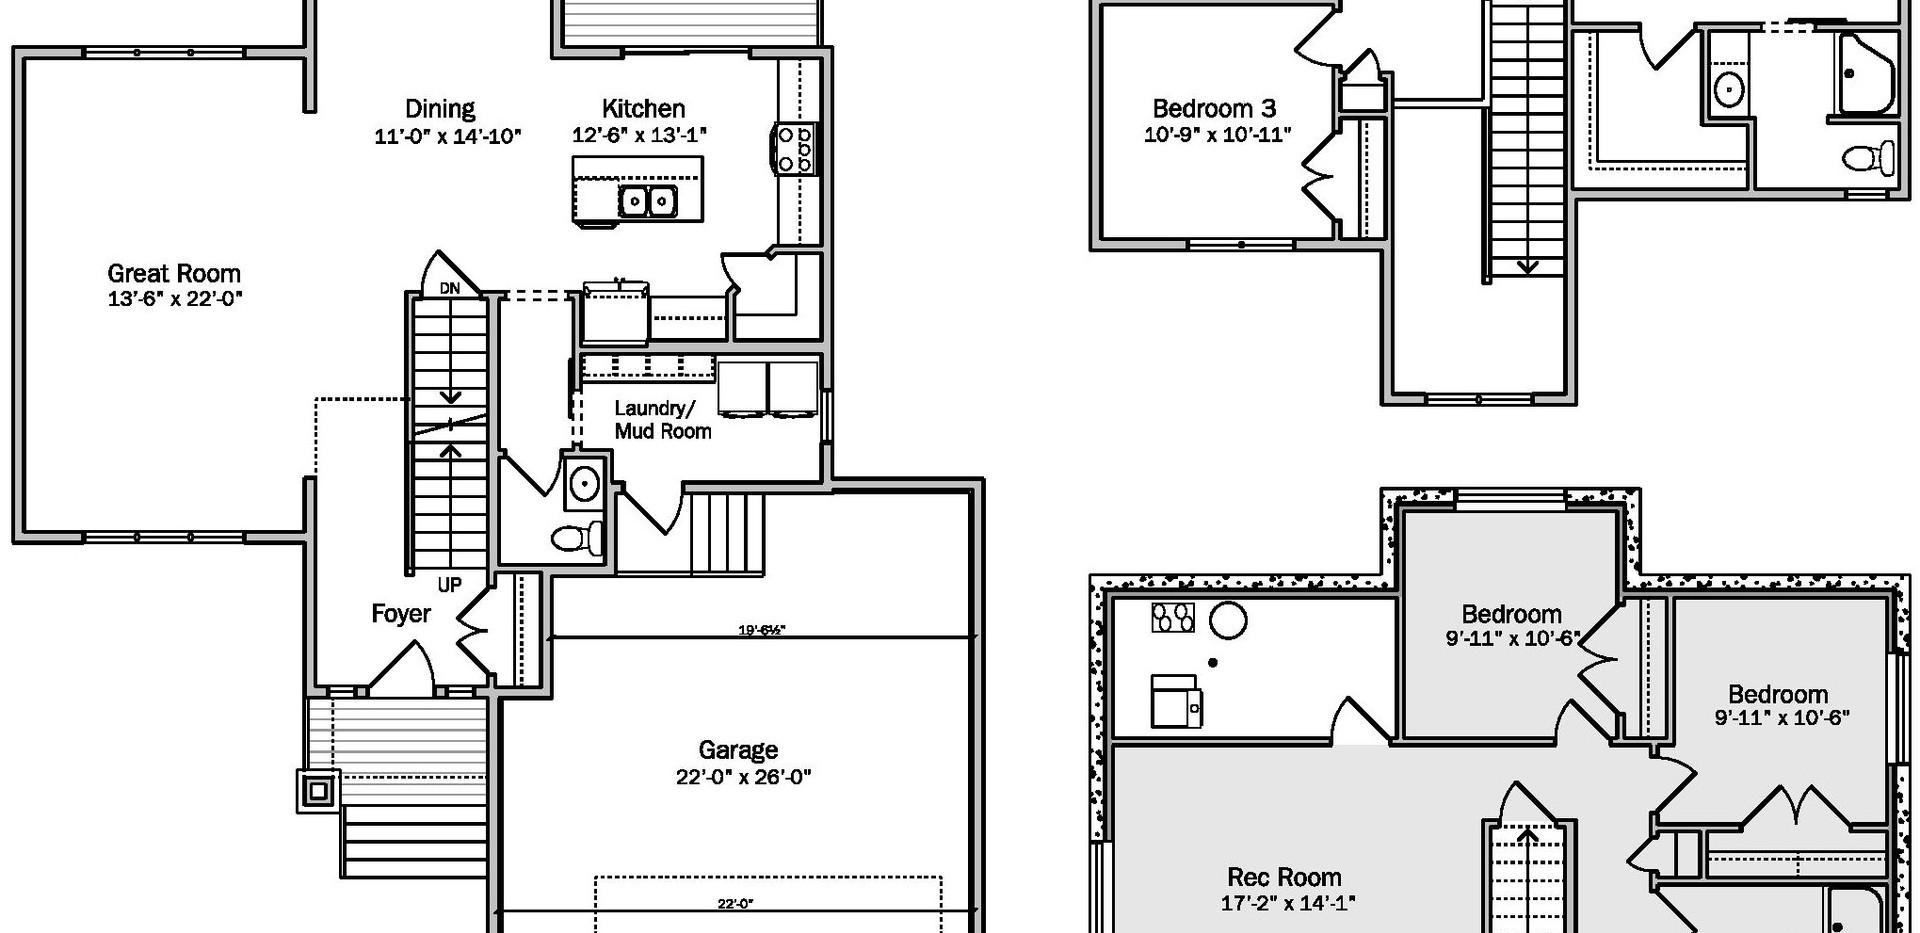 19 Vireo Avenue - floor layouts.jpg